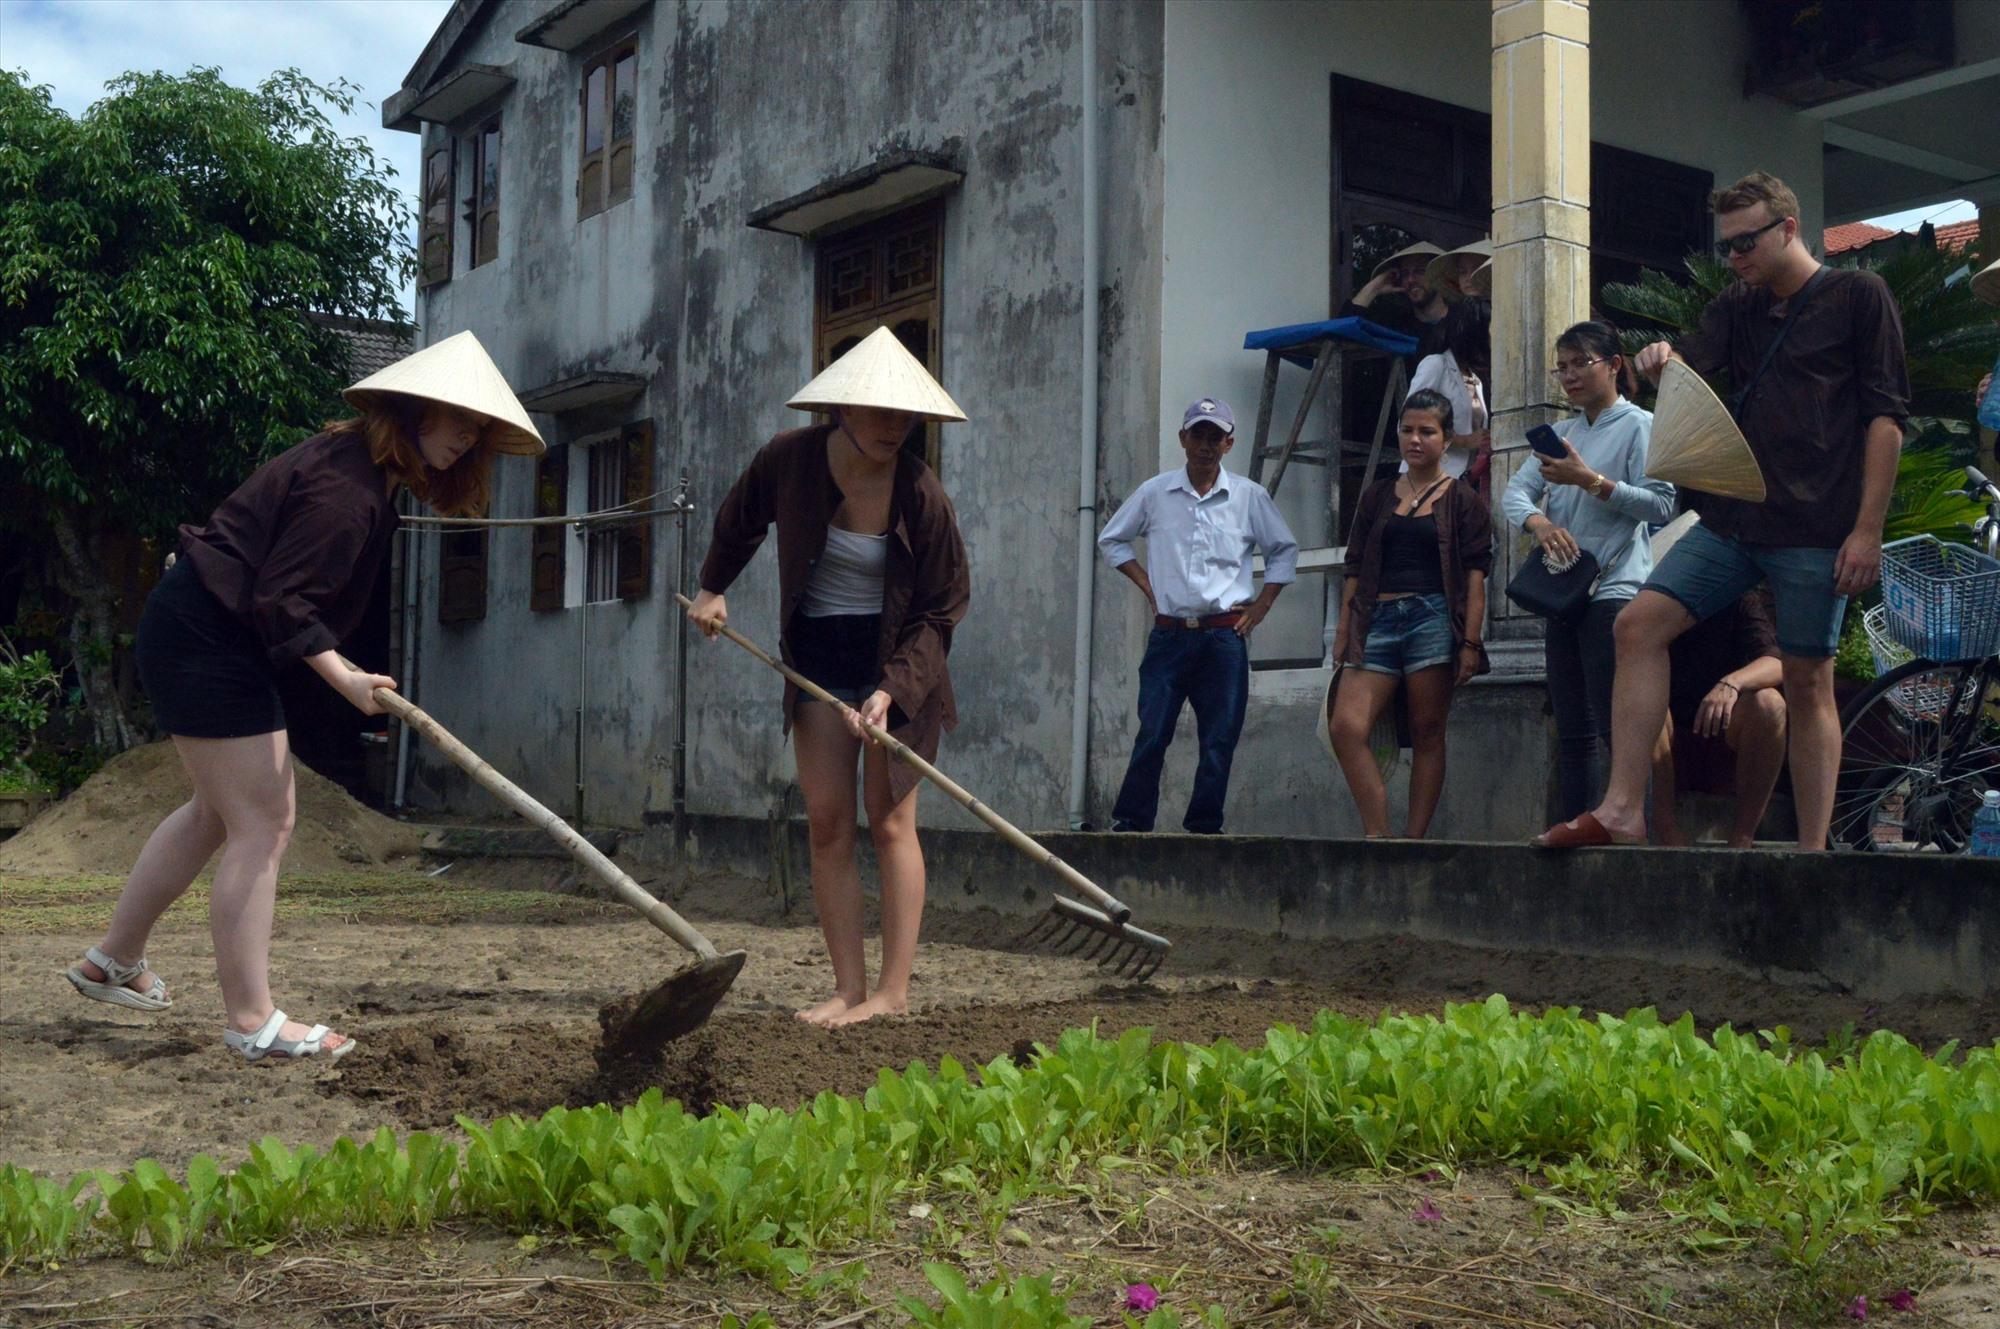 Du lịch Xanh, chia sẻ lợi ích với cộng đồng đã được Quảng Nam triển khai từ vài năm nay.